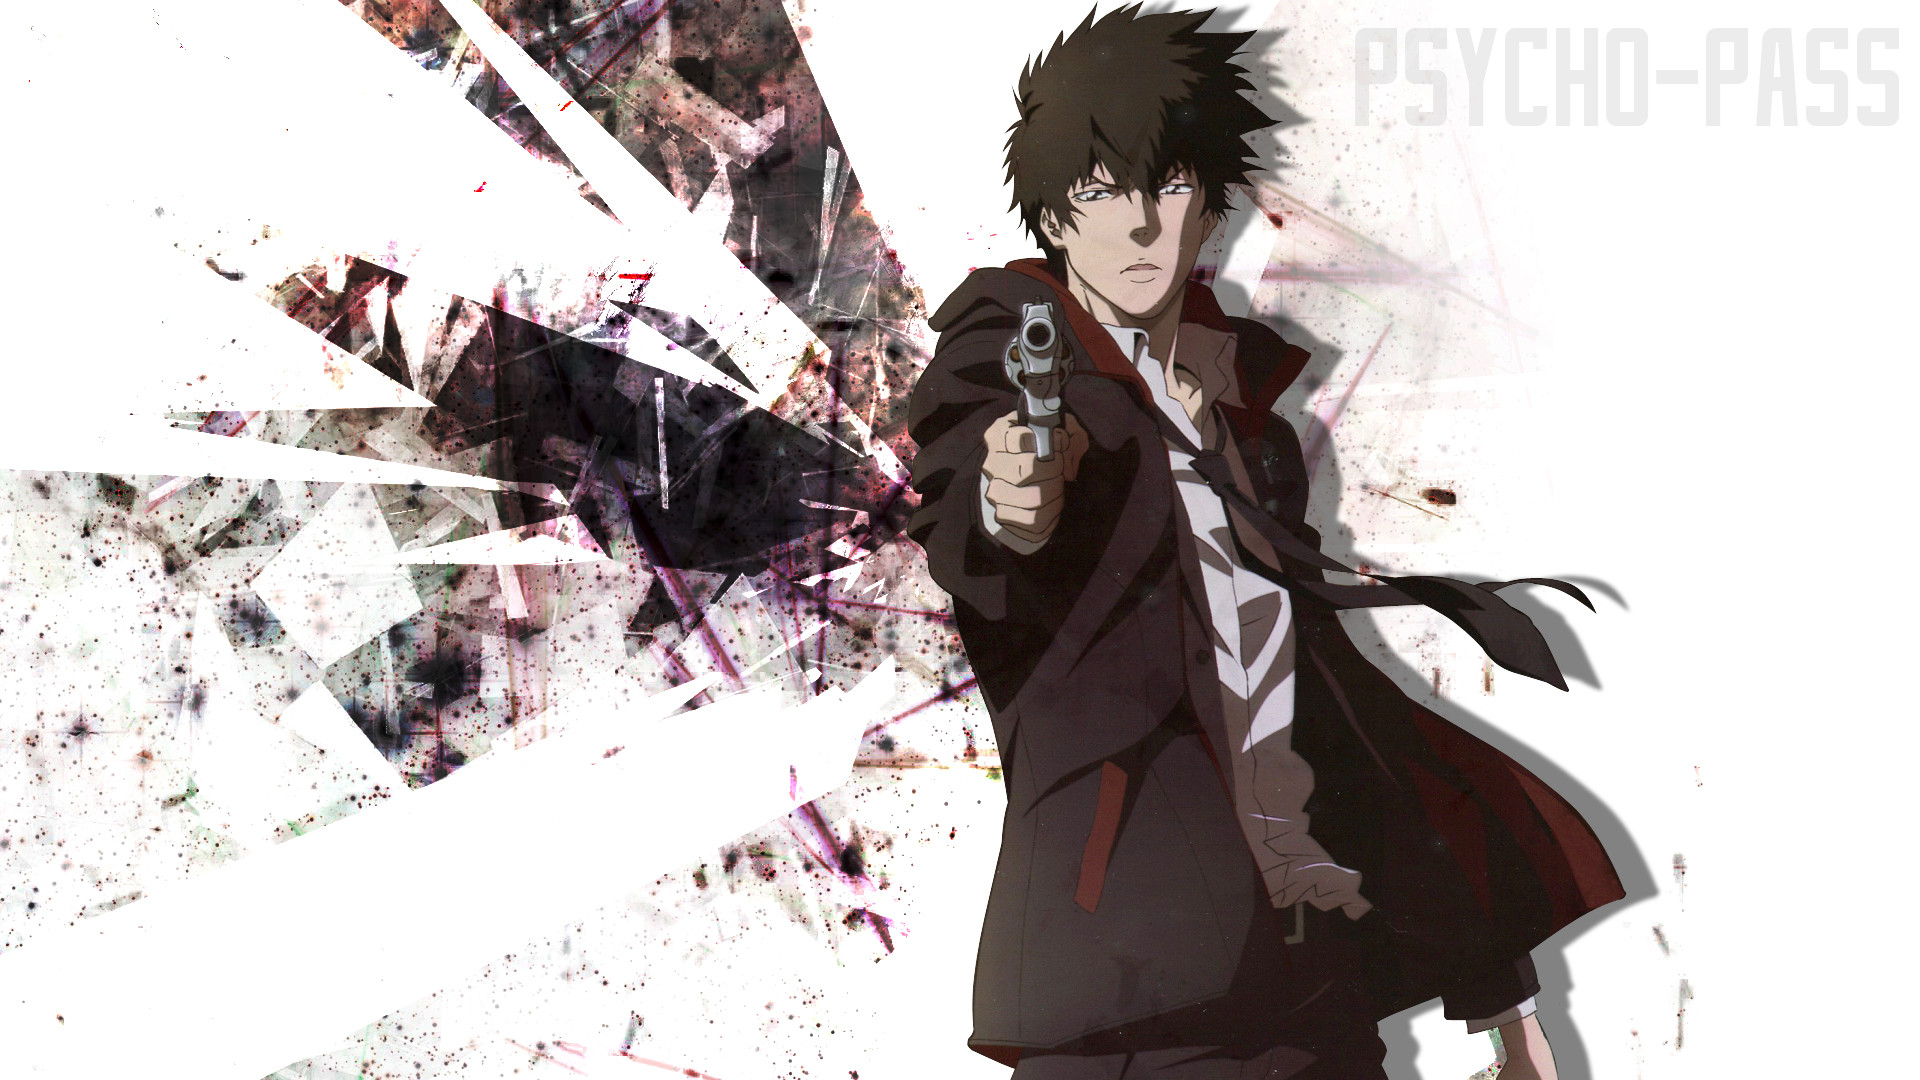 Anime – Psycho-Pass Shinya Kogami Anime Bakgrund